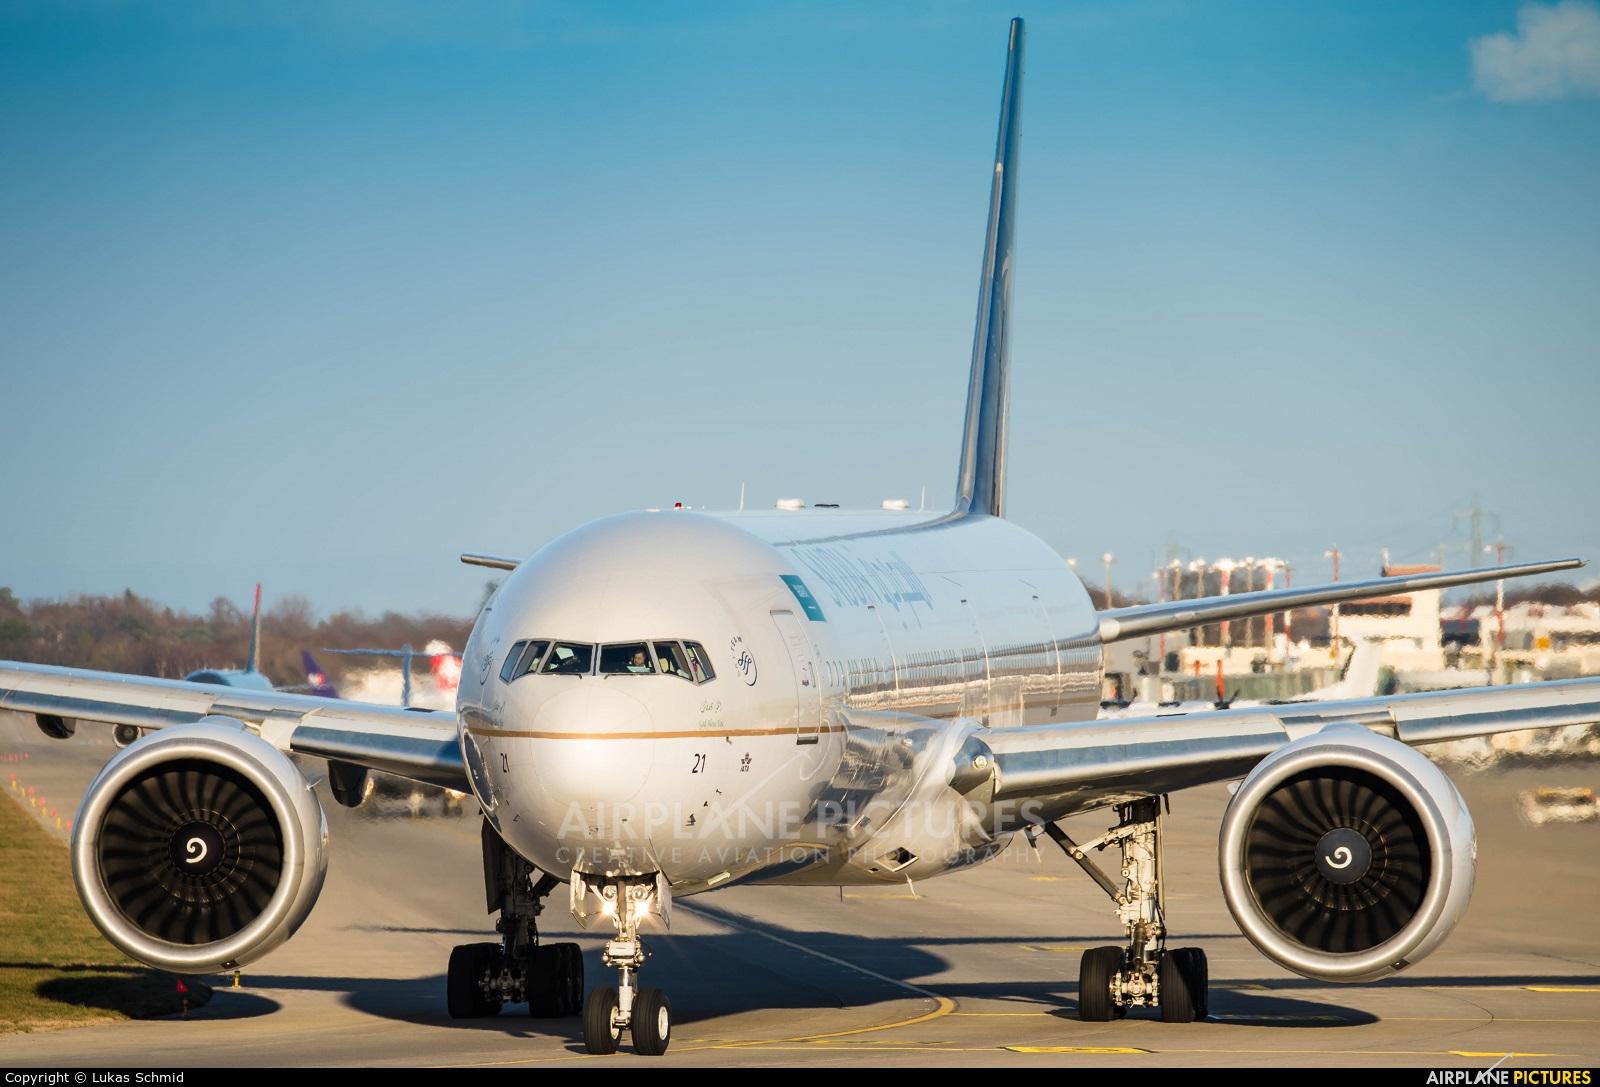 Saudi Arabian Airlines HZ-AK21 aircraft at Geneva Intl